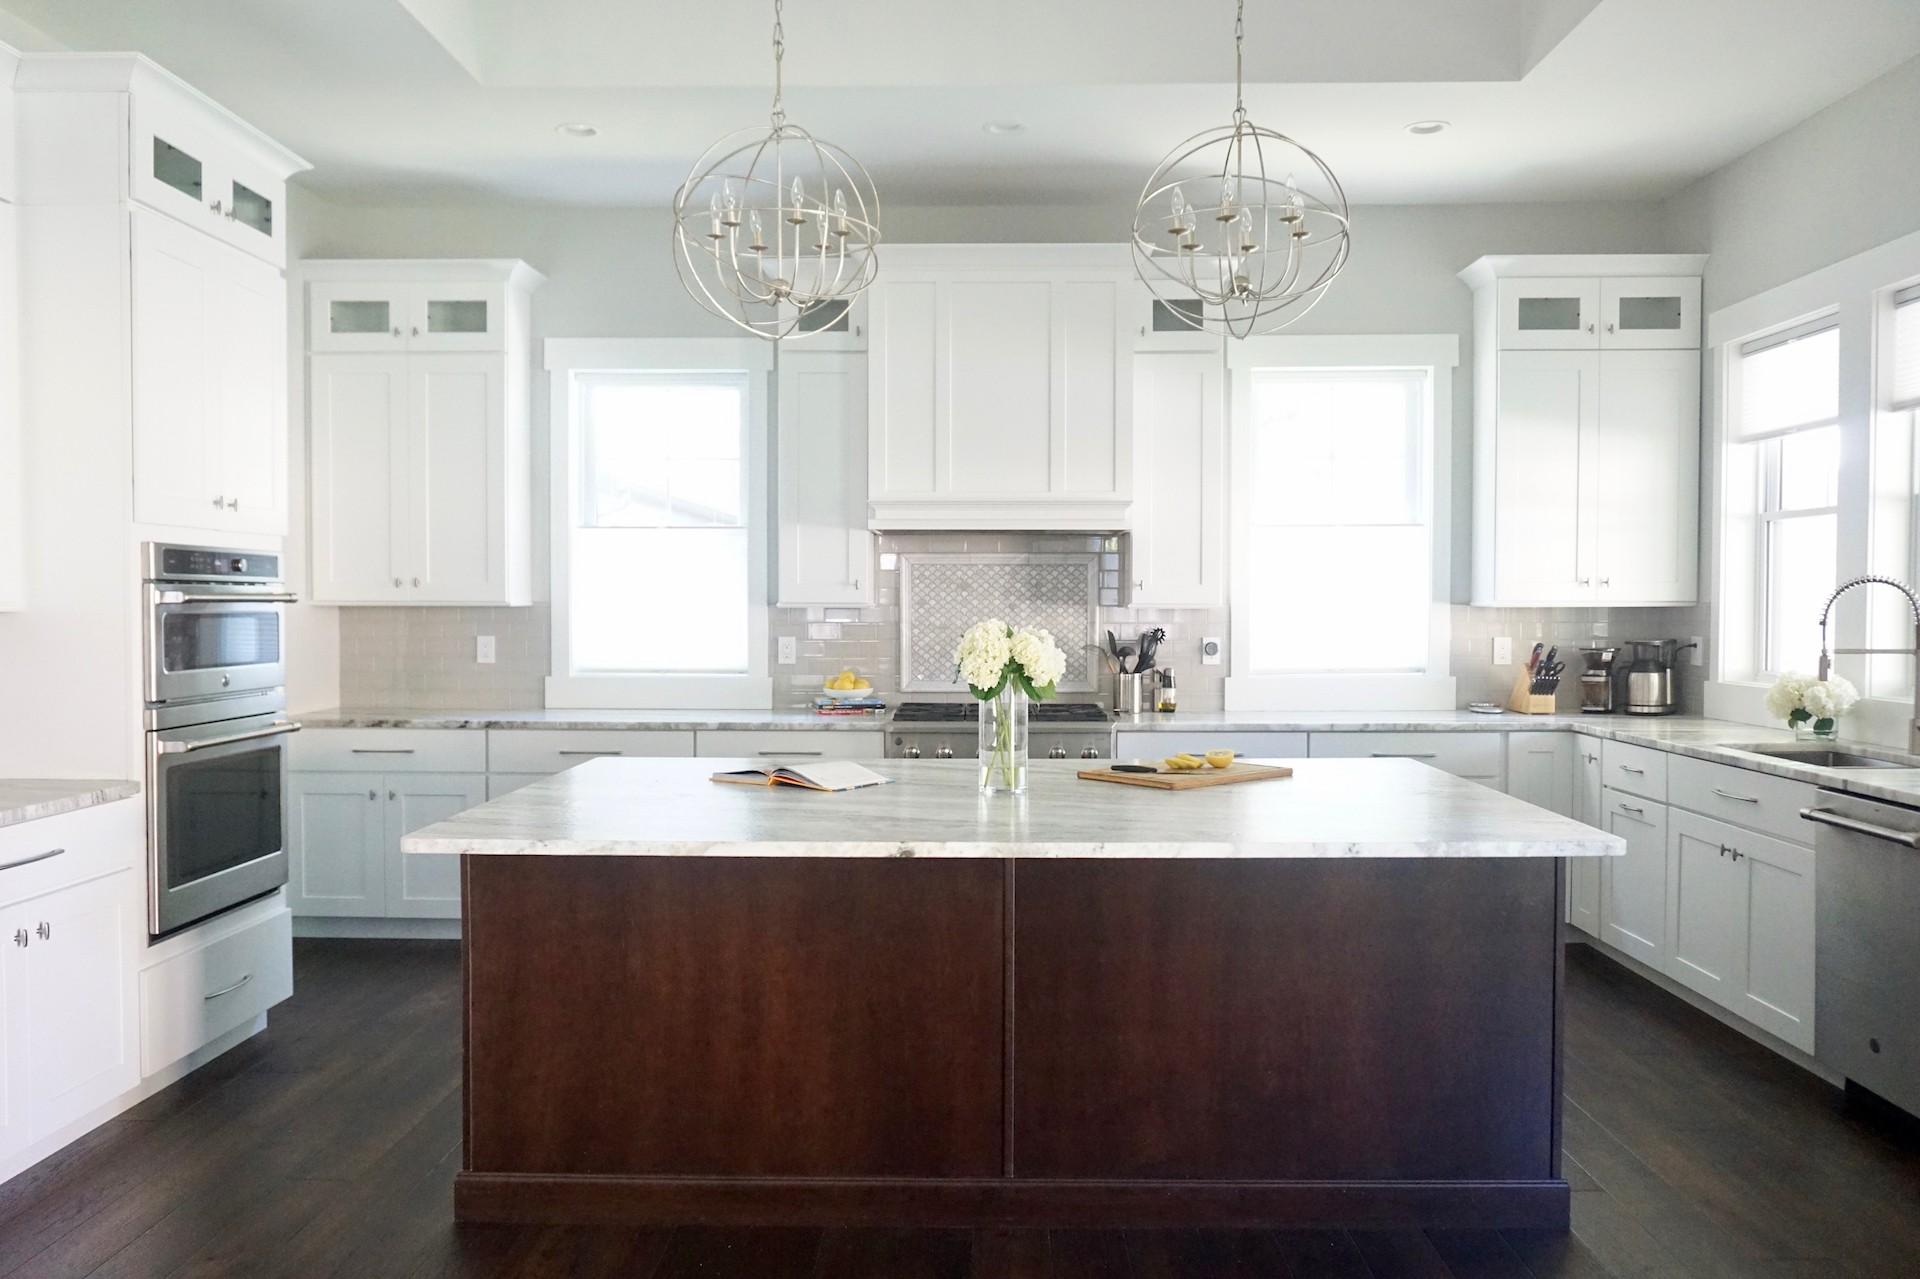 Affordable Kitchens & Baths | LinkedIn